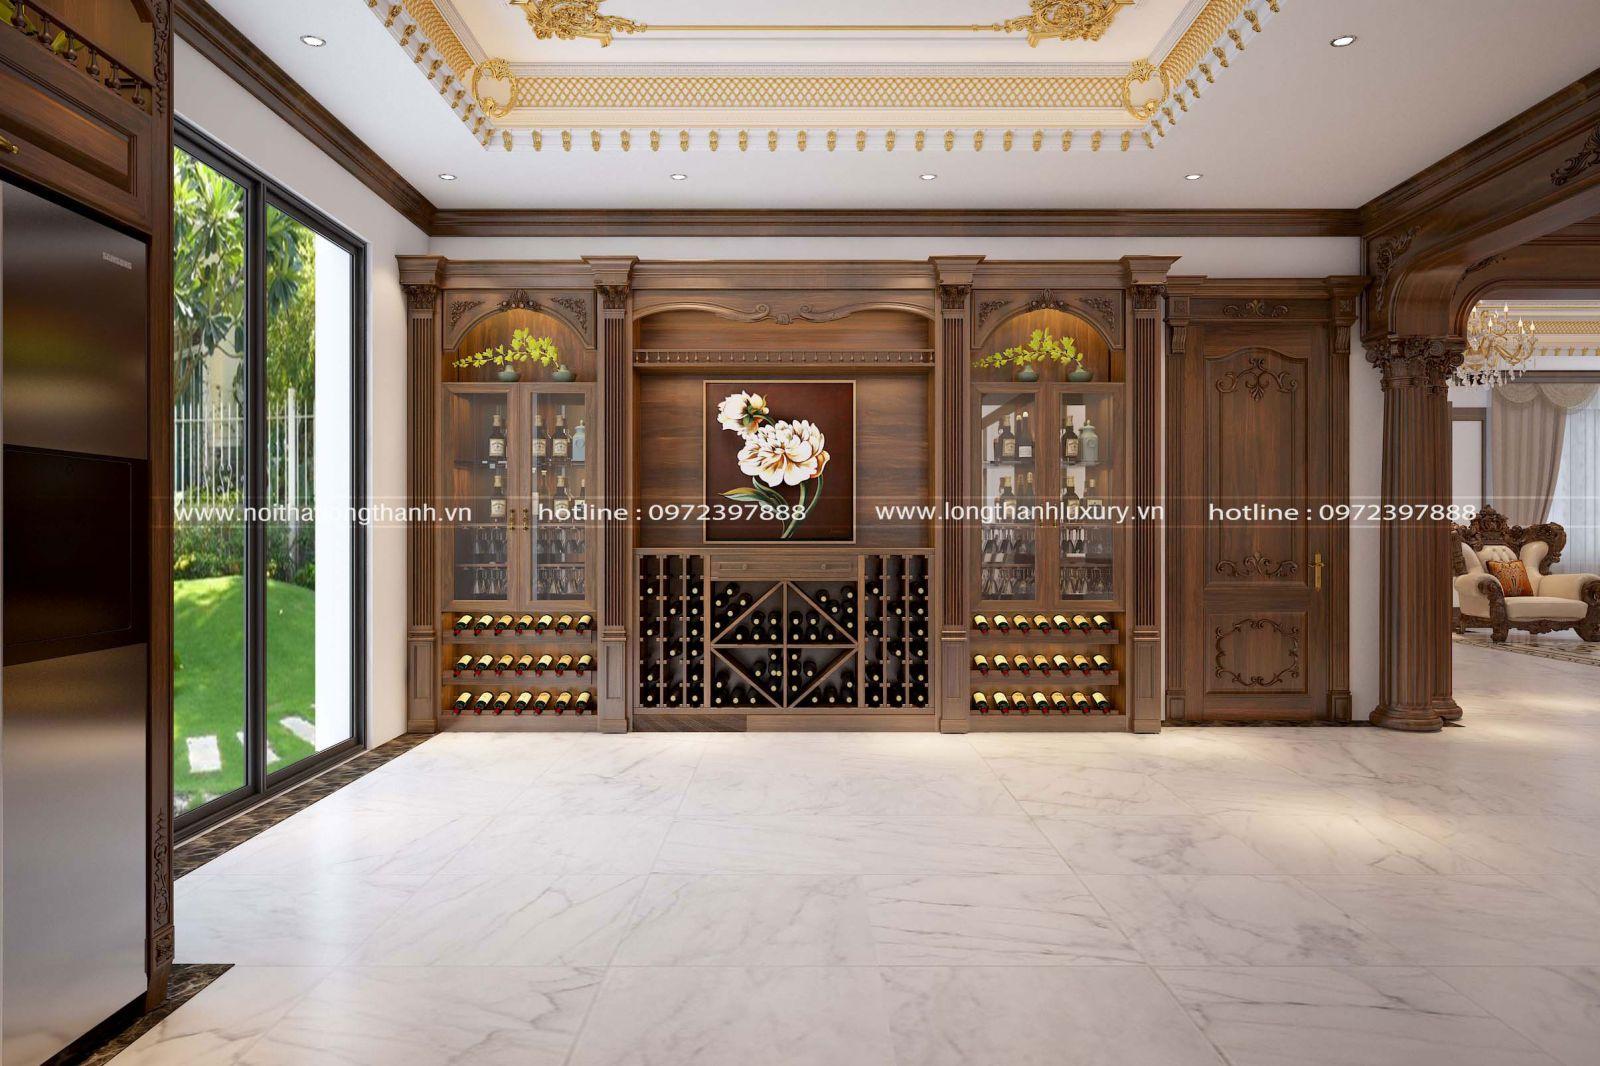 Chiếc tủ rượu được bố trí sát tường với không gian cất trữ lớn